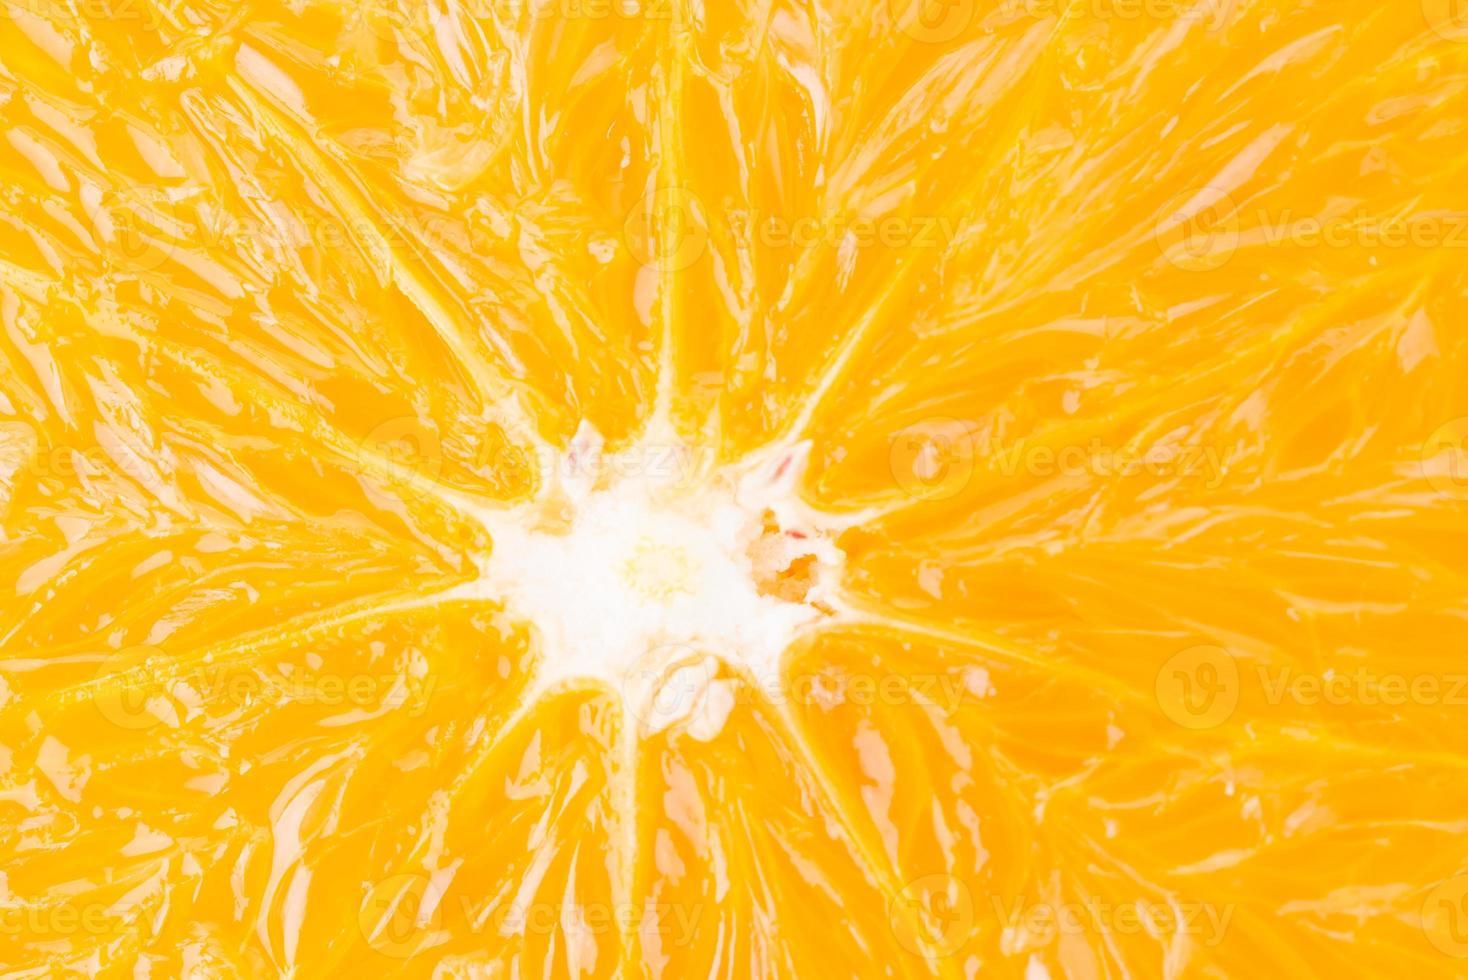 Close up orange fruit photo